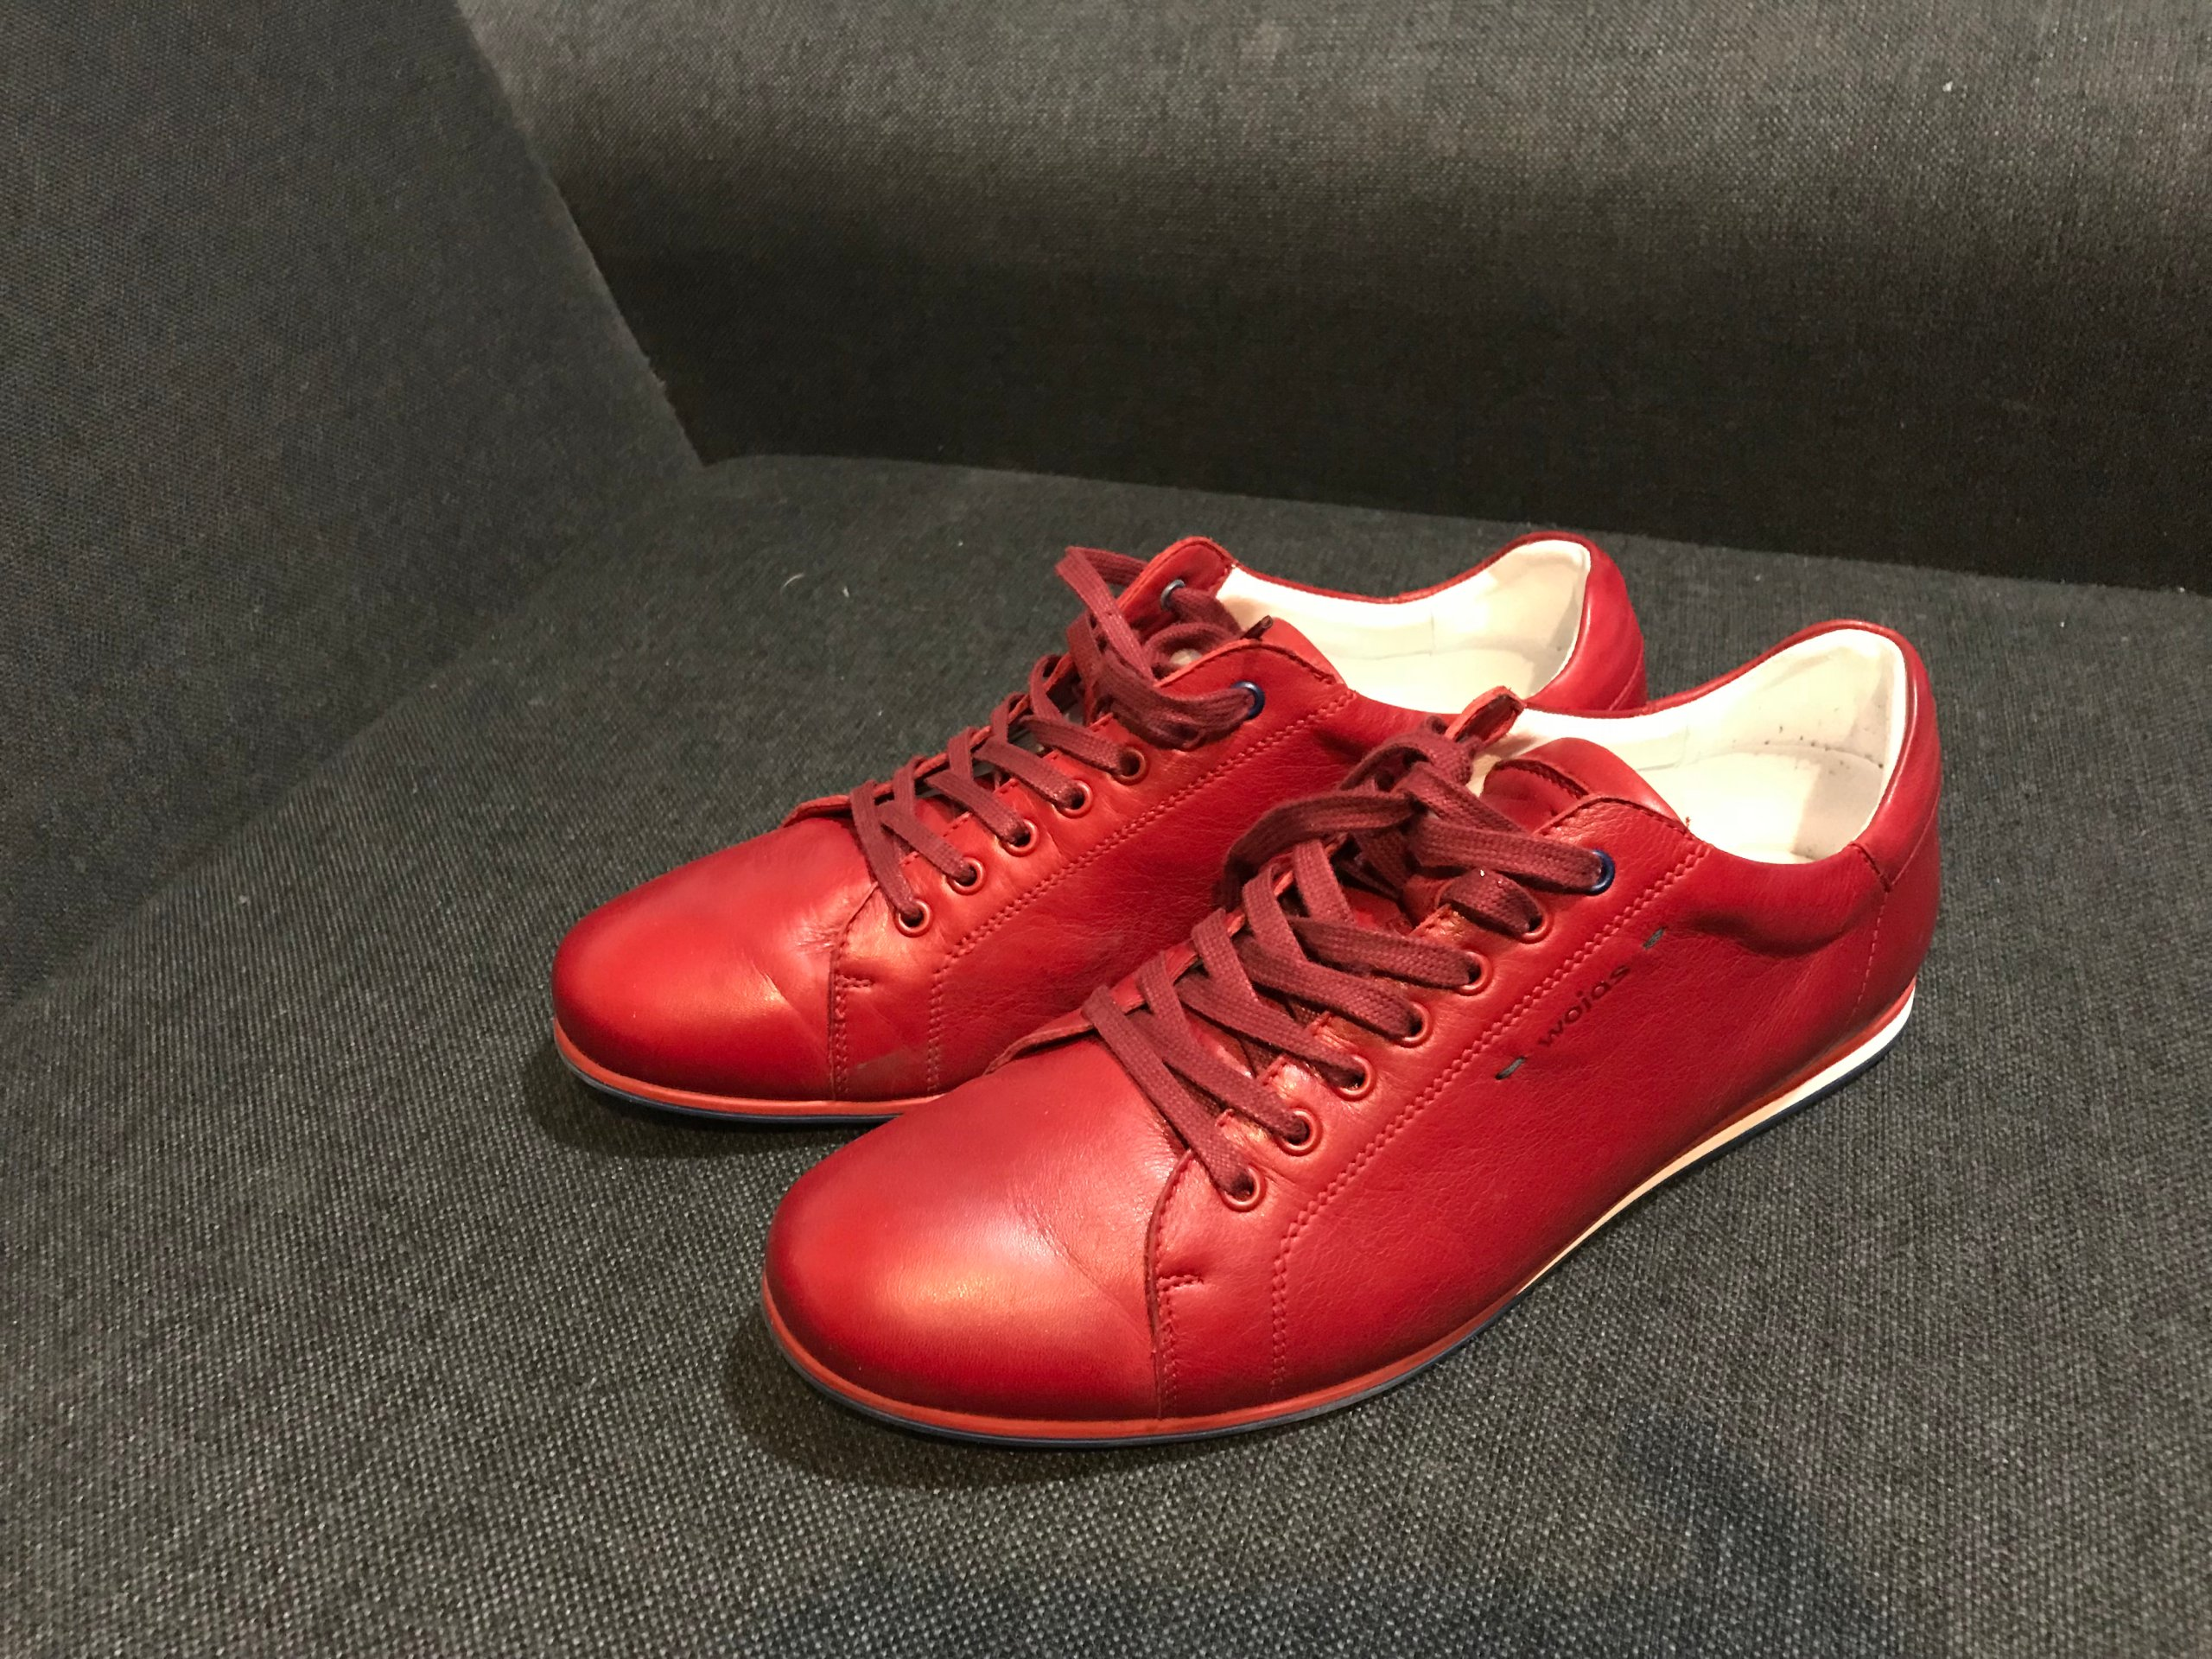 71f638e3b80e5 Czerwone buty męskie skórzane WOJAS - 7295916402 - oficjalne ...